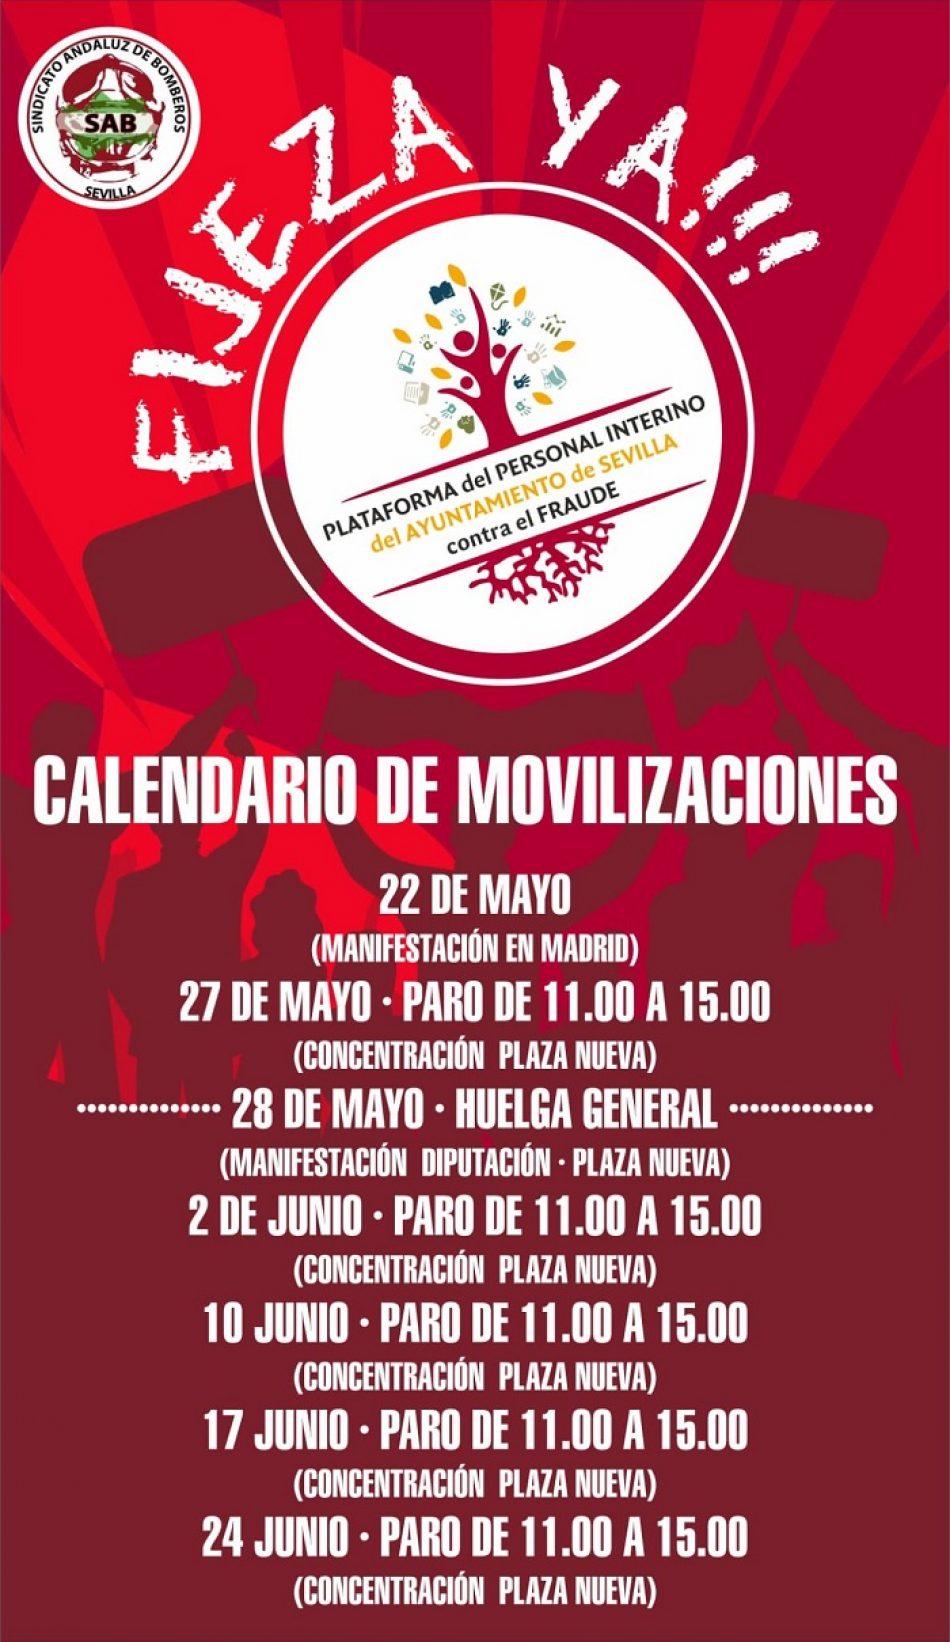 Calendario de movilizaciones del personal interino de Sevilla contra el fraude de ley por abuso de la temporalidad